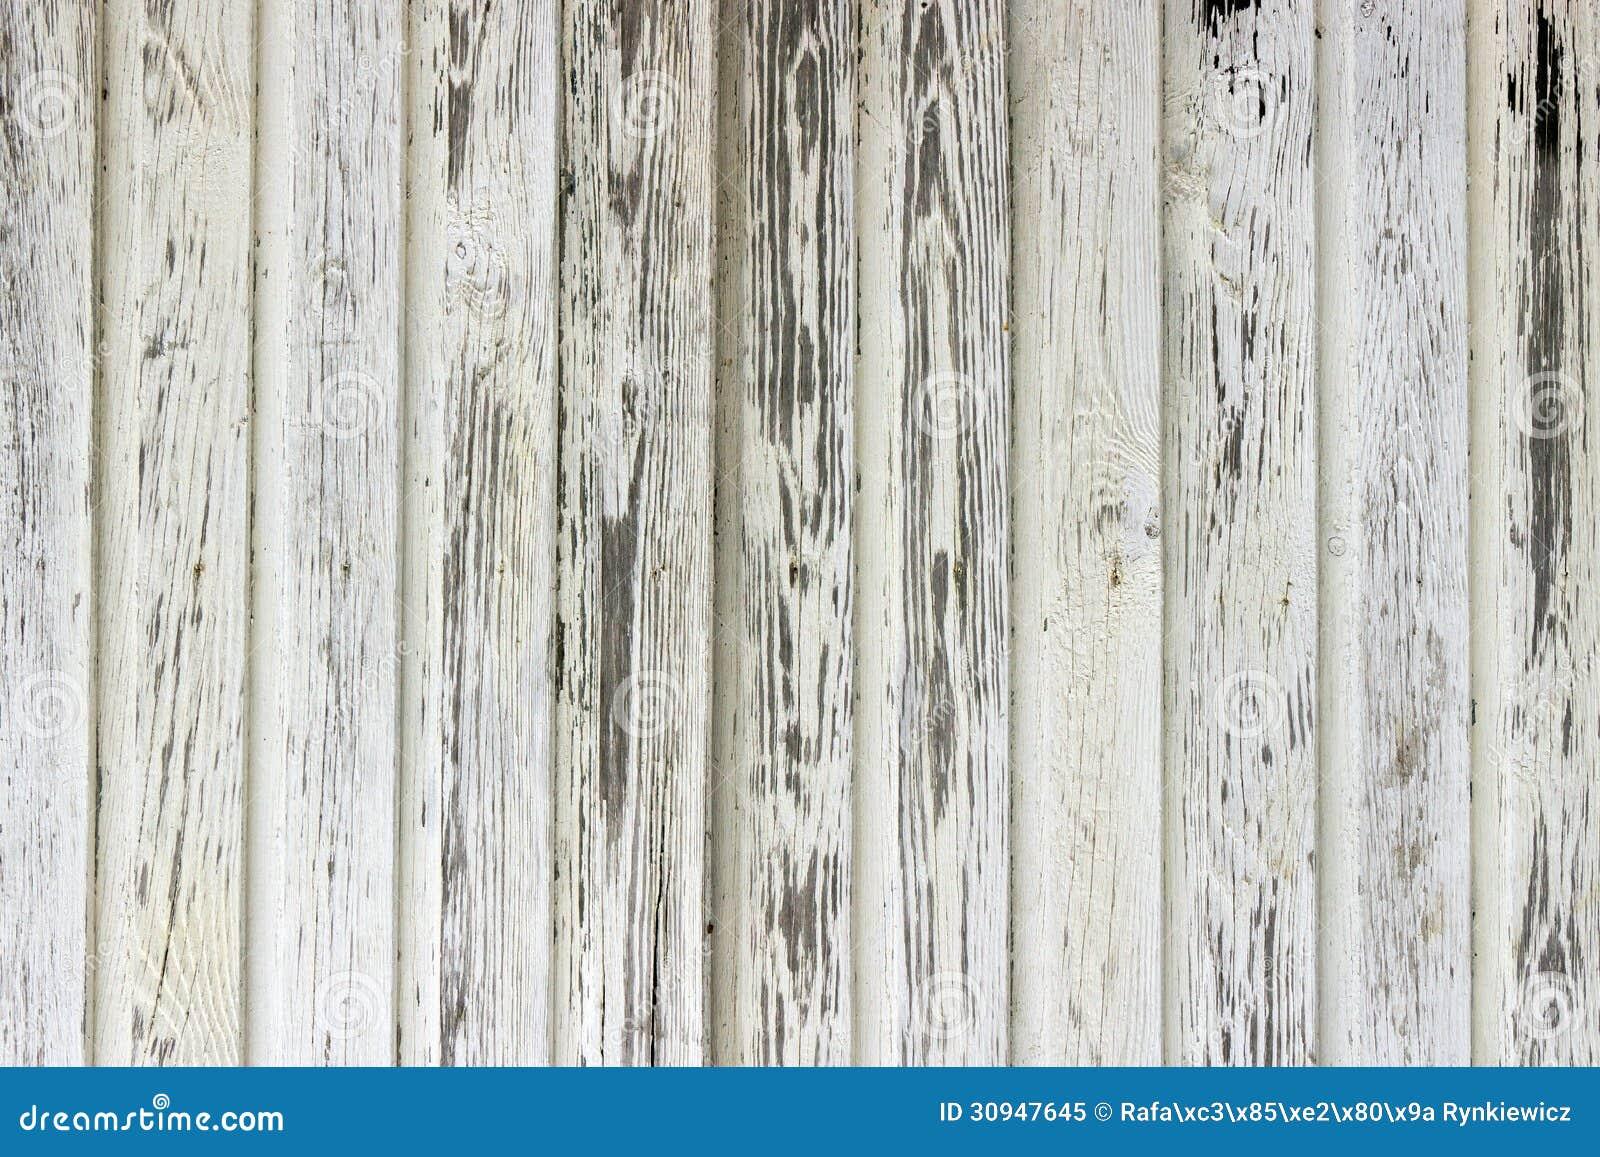 Parete di legno dipinta vecchio bianco immagine stock - Parete di legno ...